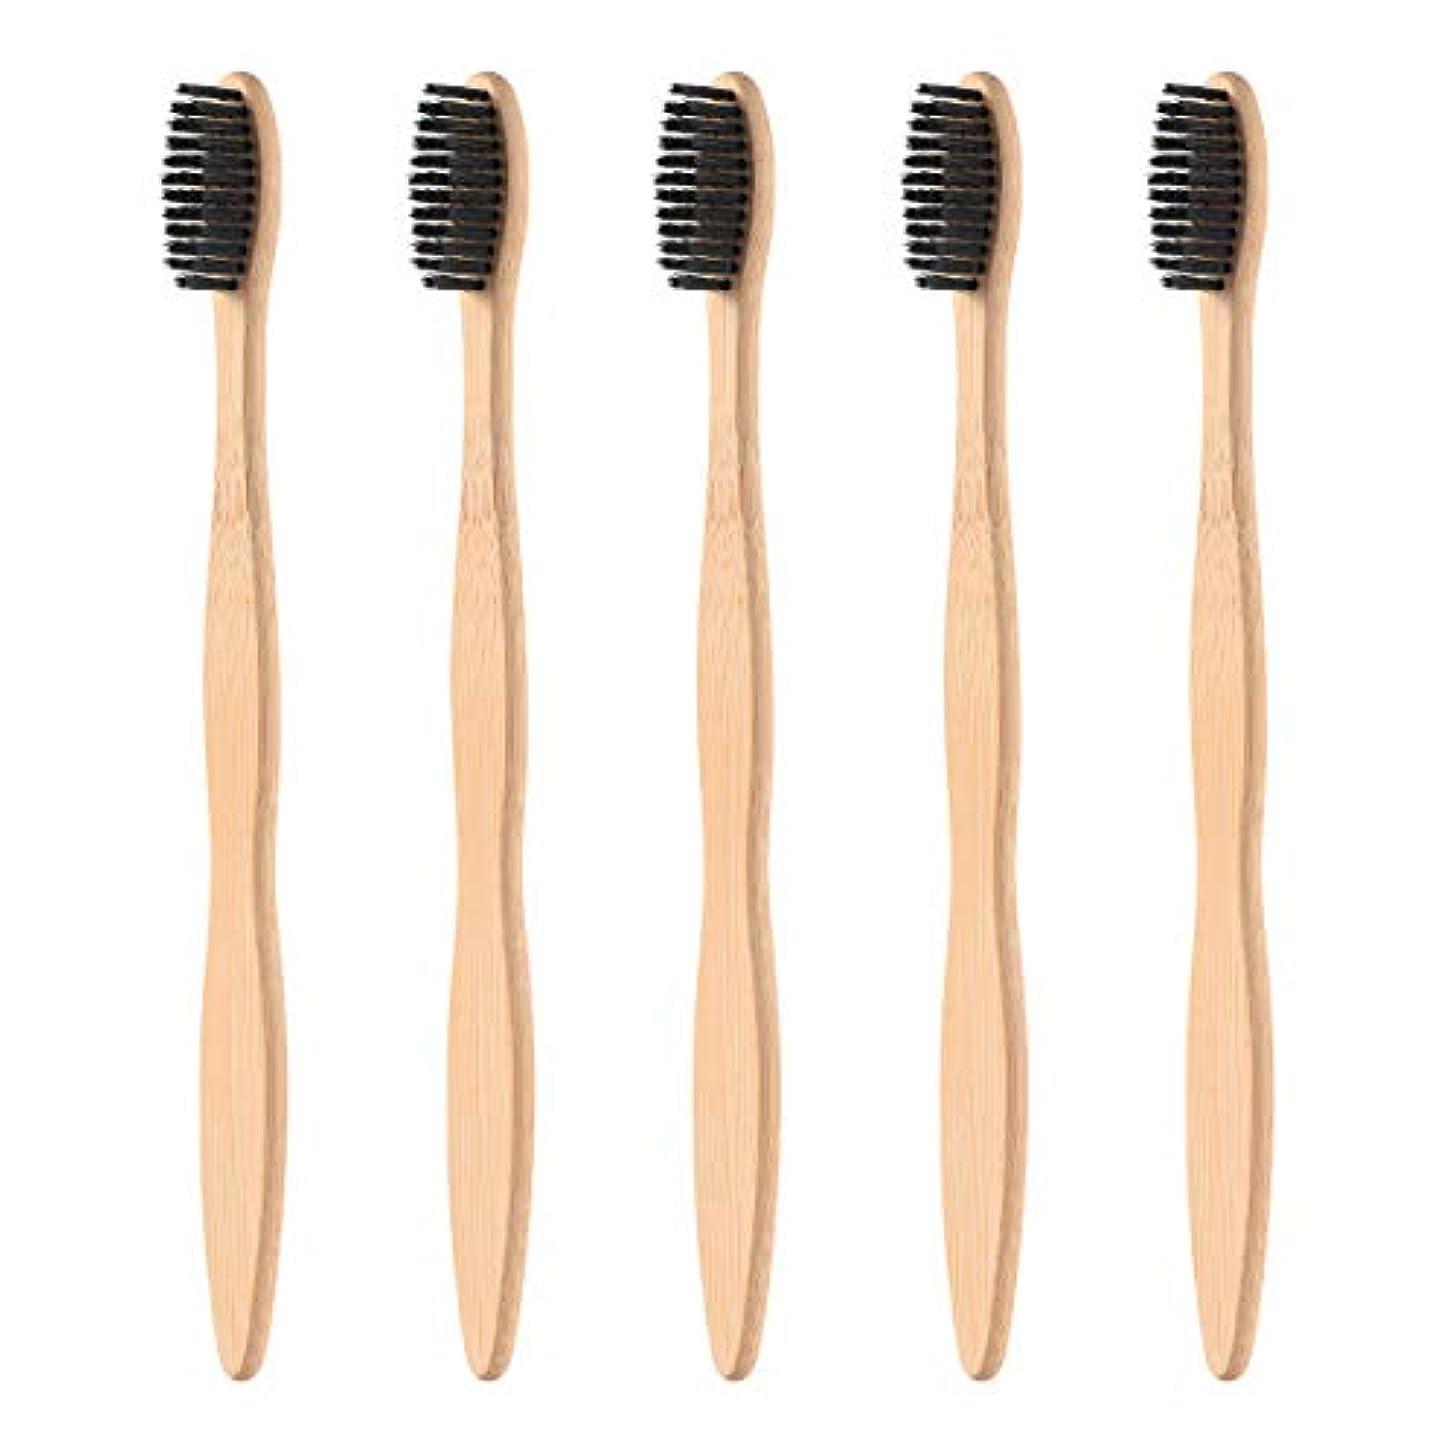 決めます台風と組むHealifty 柔らかい黒い剛毛が付いている5pcsタケハンドルの歯ブラシの自然な木のEcoの友好的な歯ブラシ